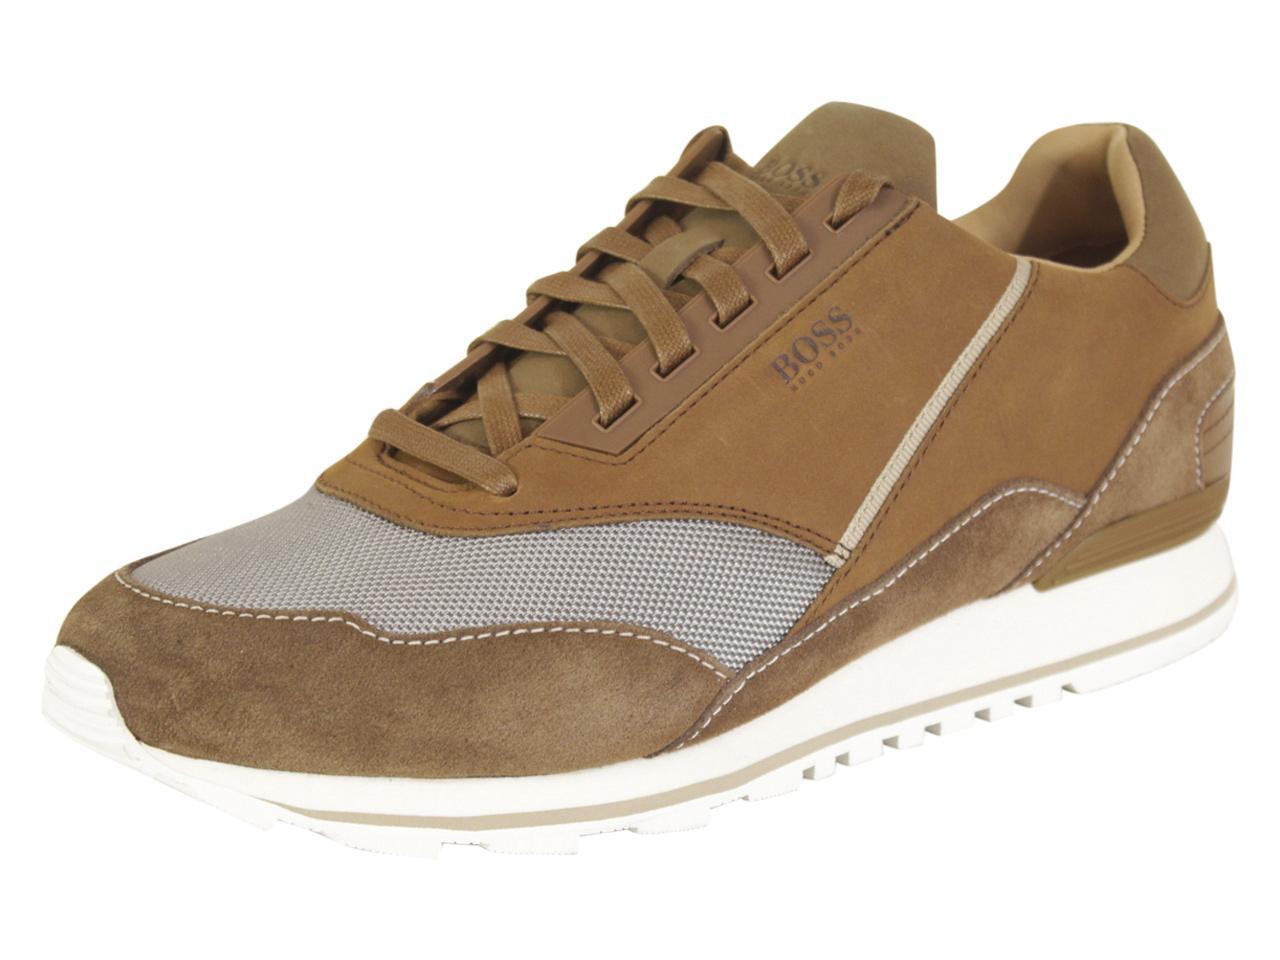 Zephir Memory Foam Sneakers Shoes